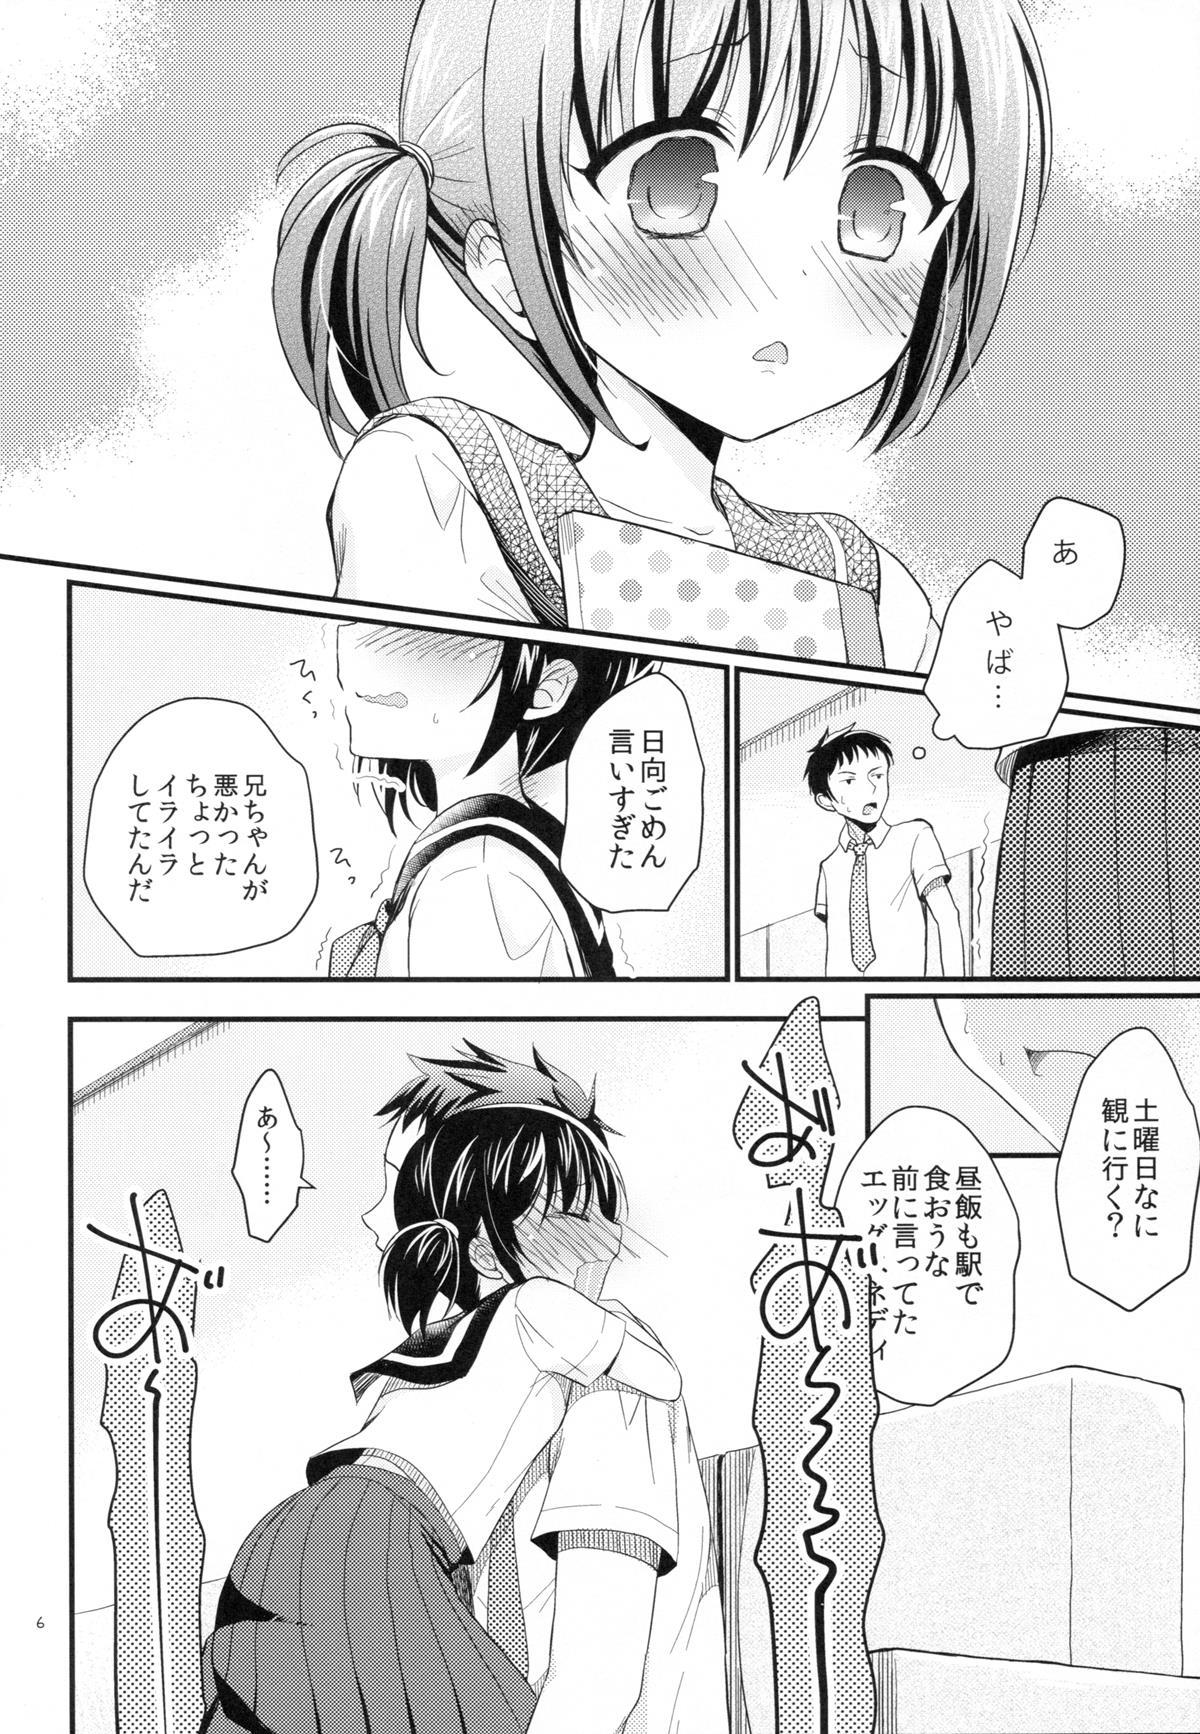 【エロ漫画・エロ同人誌】ロリJCの妹が密着してくるからムラムラしてきちゃってエッチしますたwww (6)